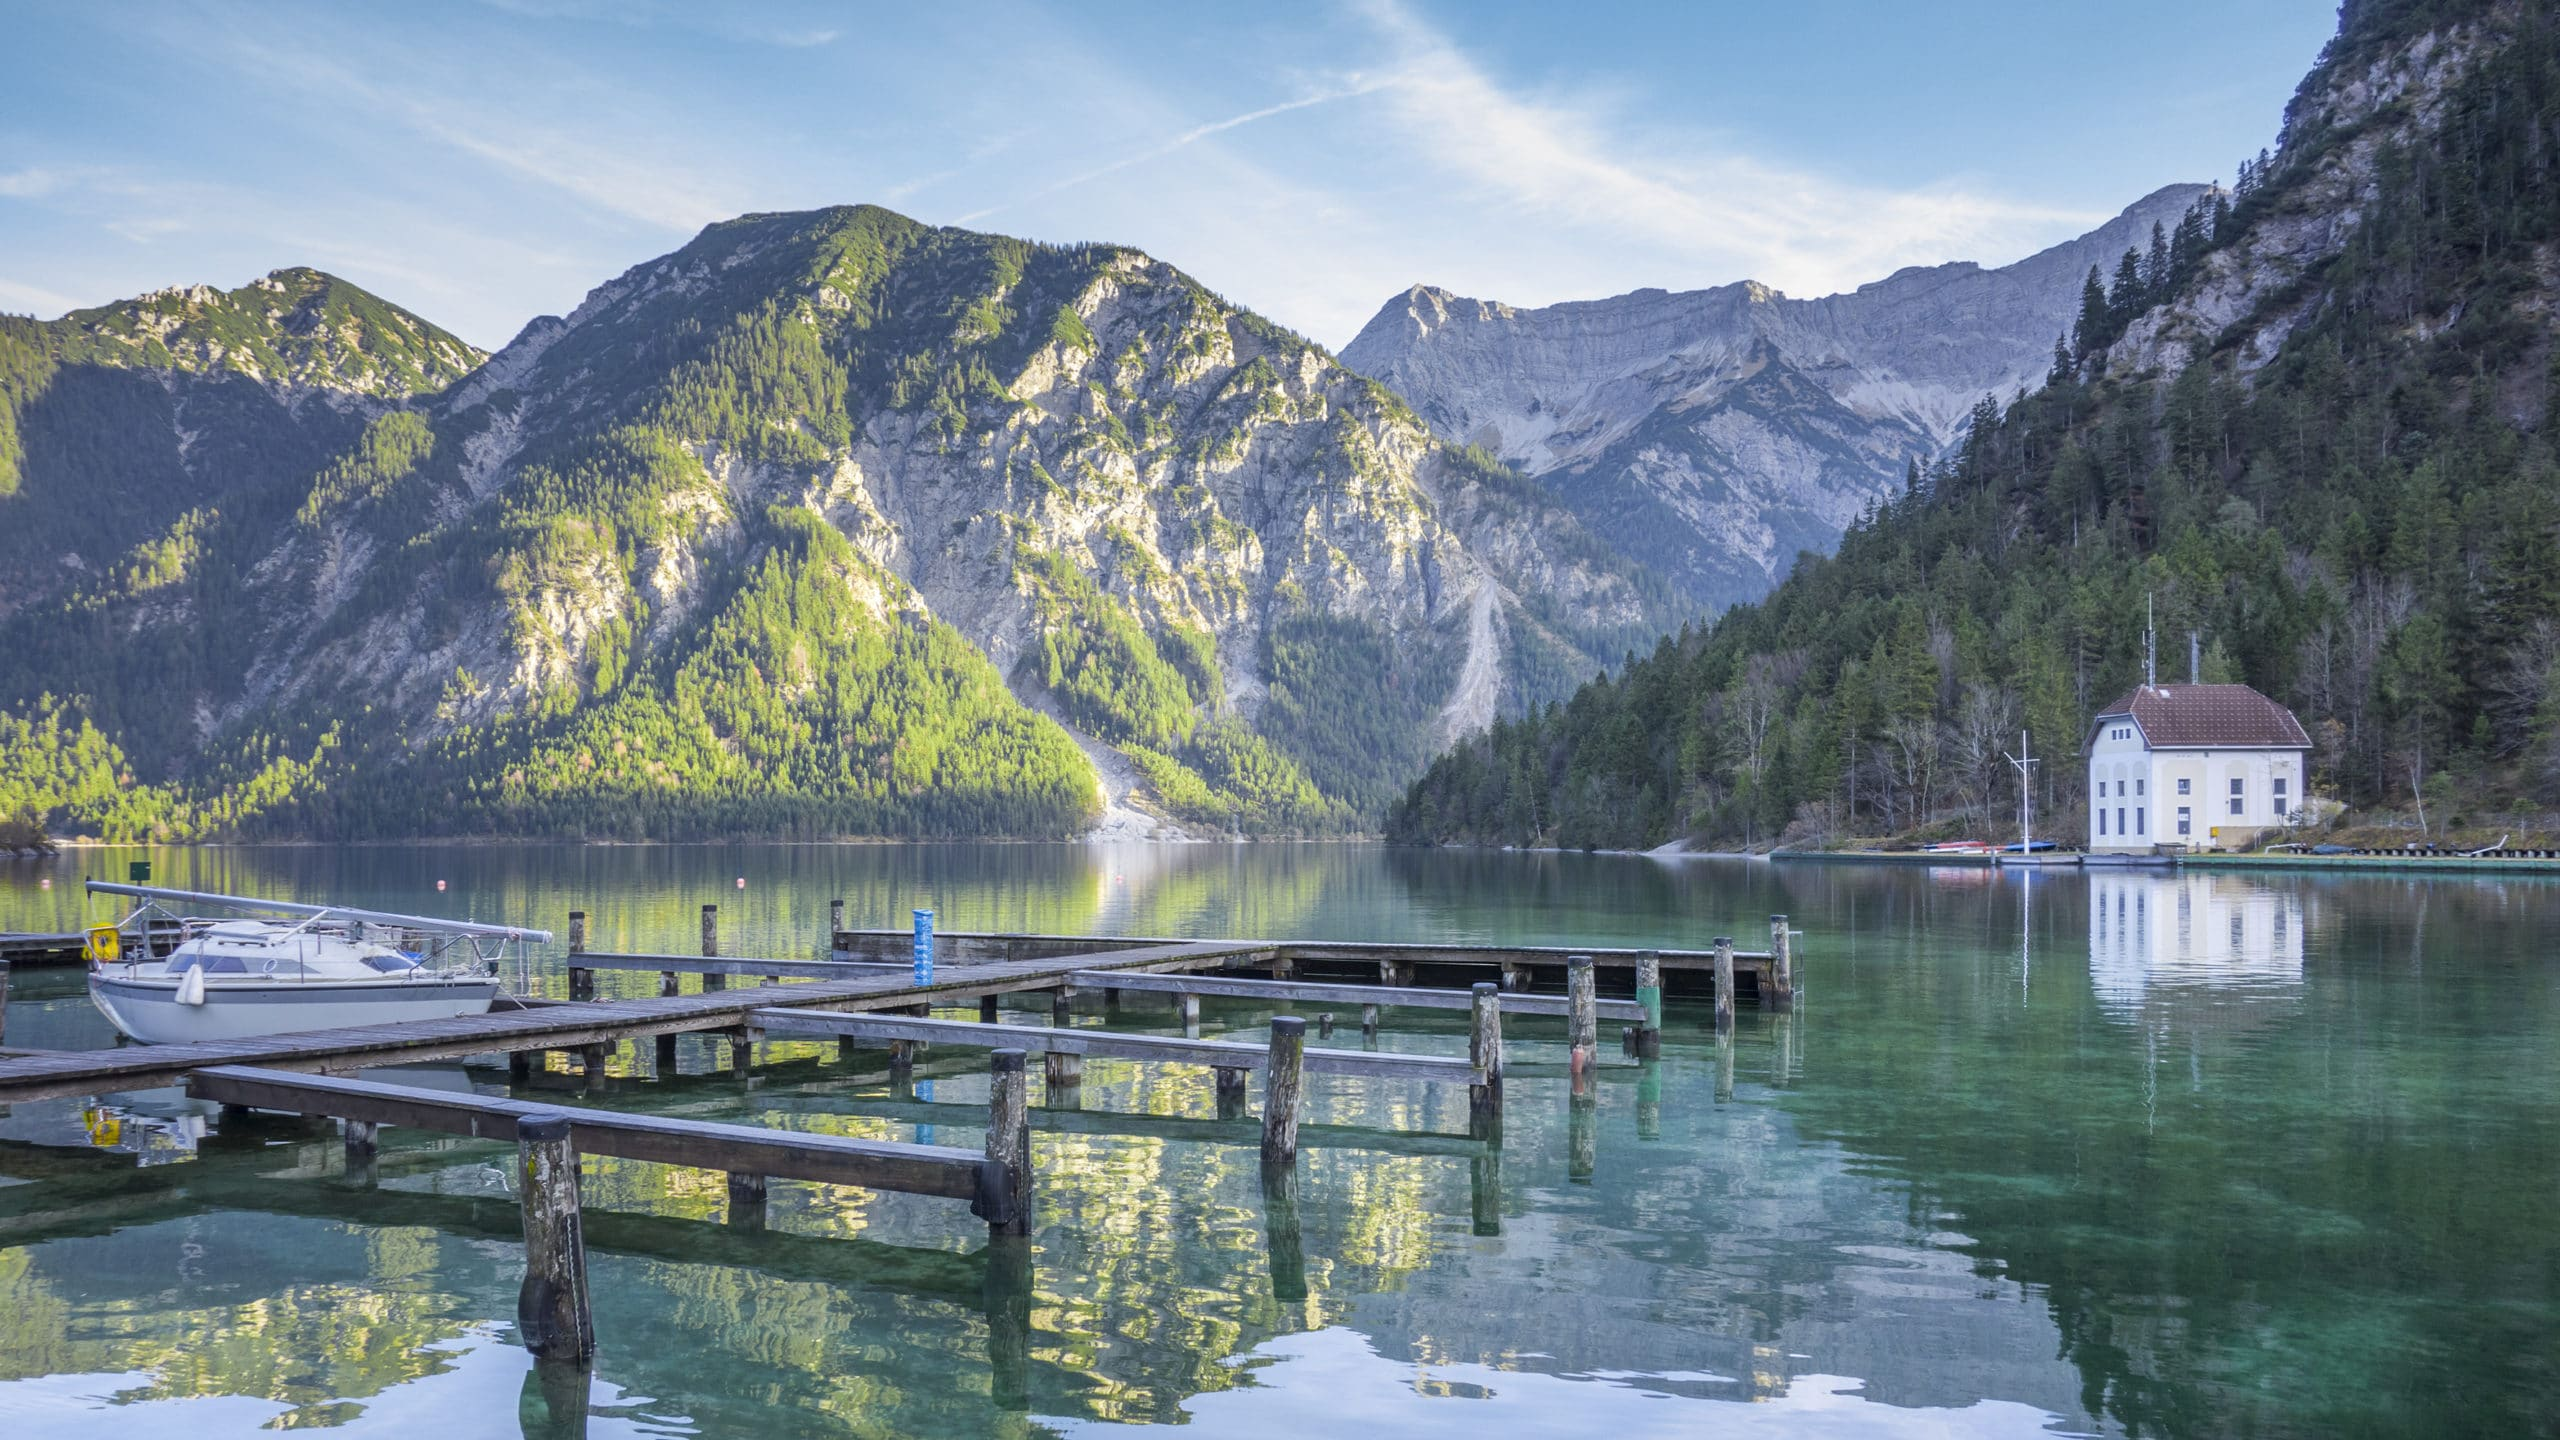 außergewöhnliches Reiseziel innerhalb Deutschlands